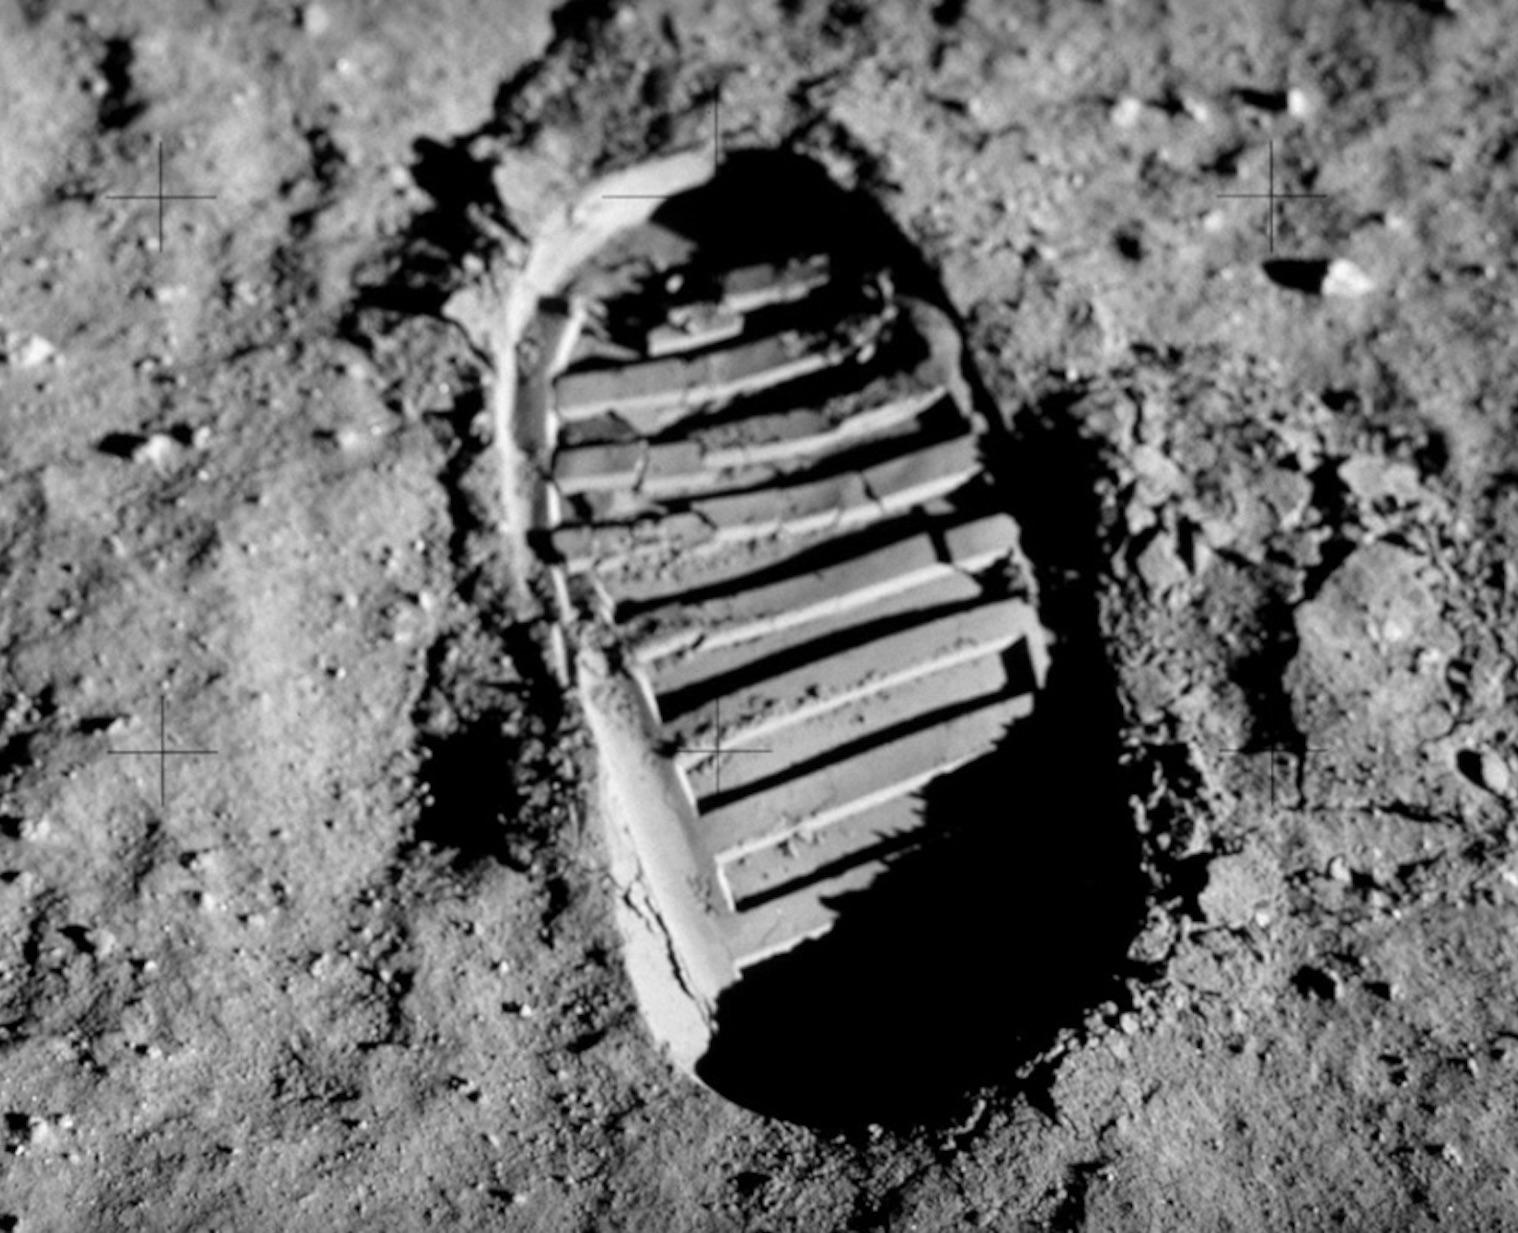 iseo-moon-lostkey-1